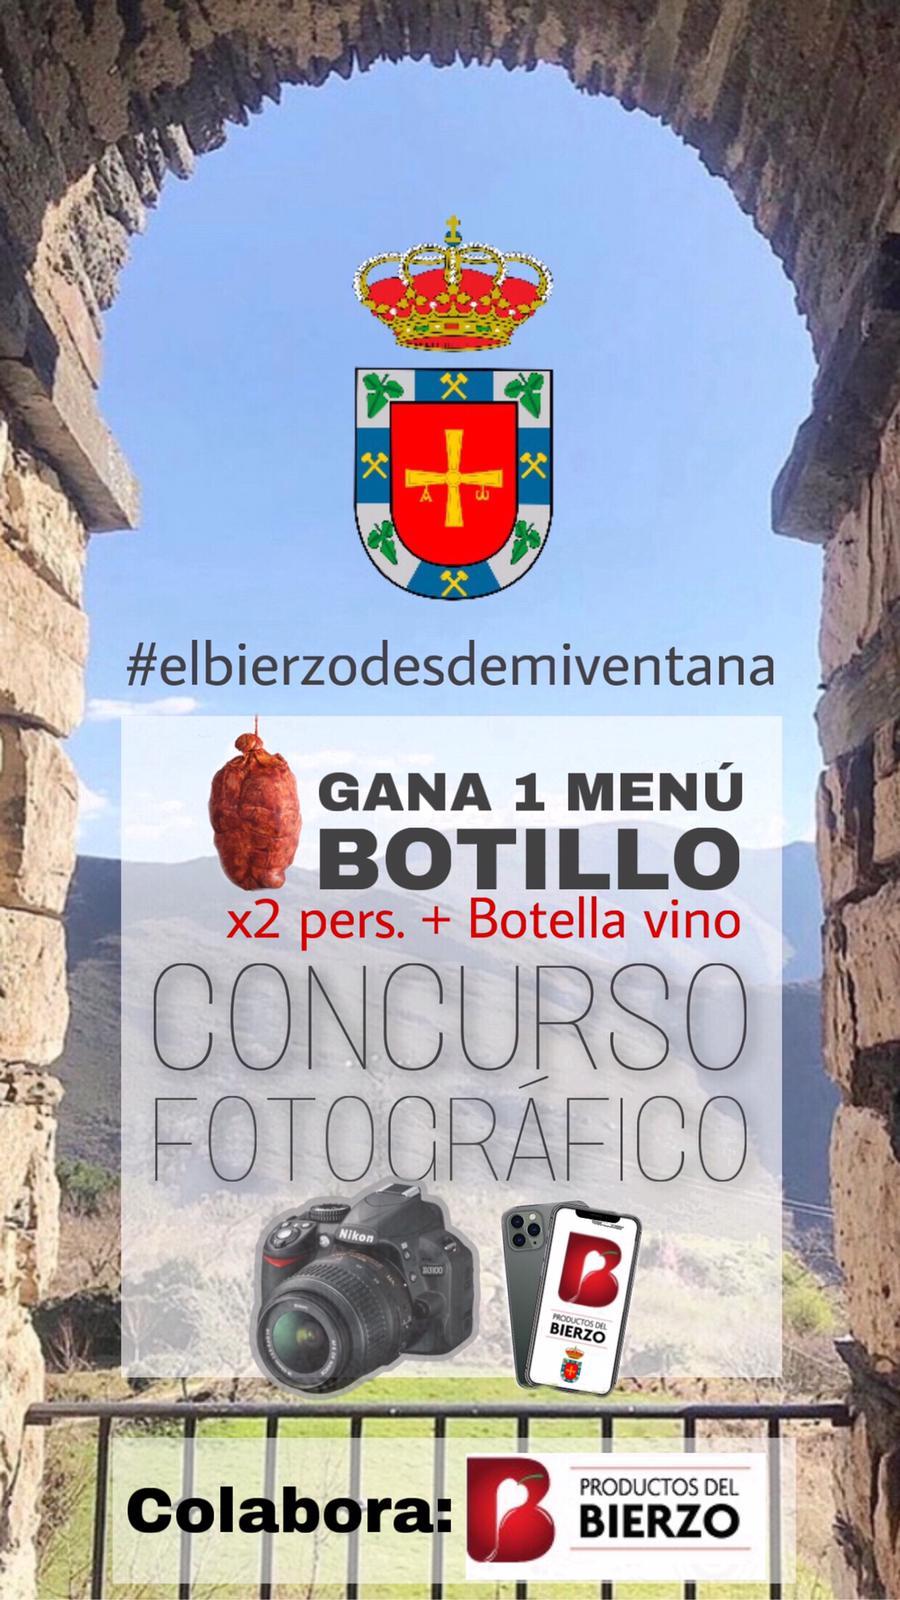 #elbierzodesdemiventana, una iniciativa para mostrar el Bierzo desde otro punto de vista 2